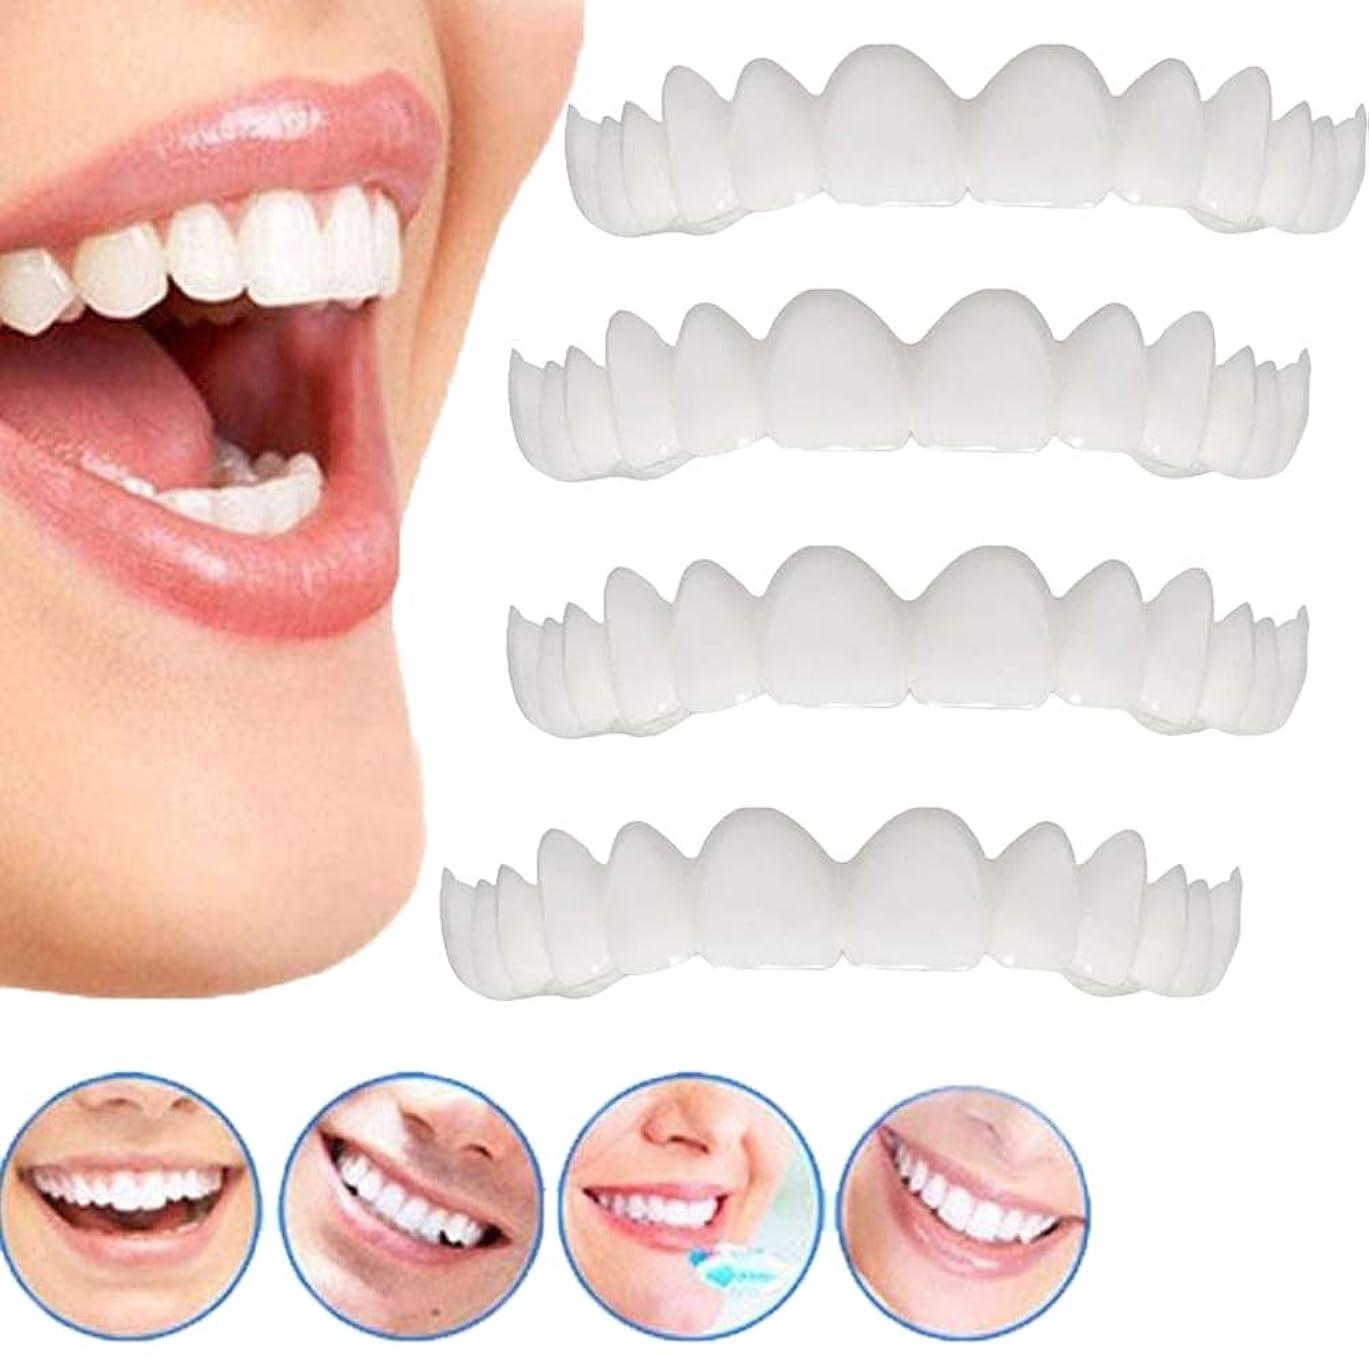 水没与える投票4ピースインスタントパーフェクトコンフォートフィットフレックス化粧品歯入れ歯歯トップ化粧突き板,4lowerteeth